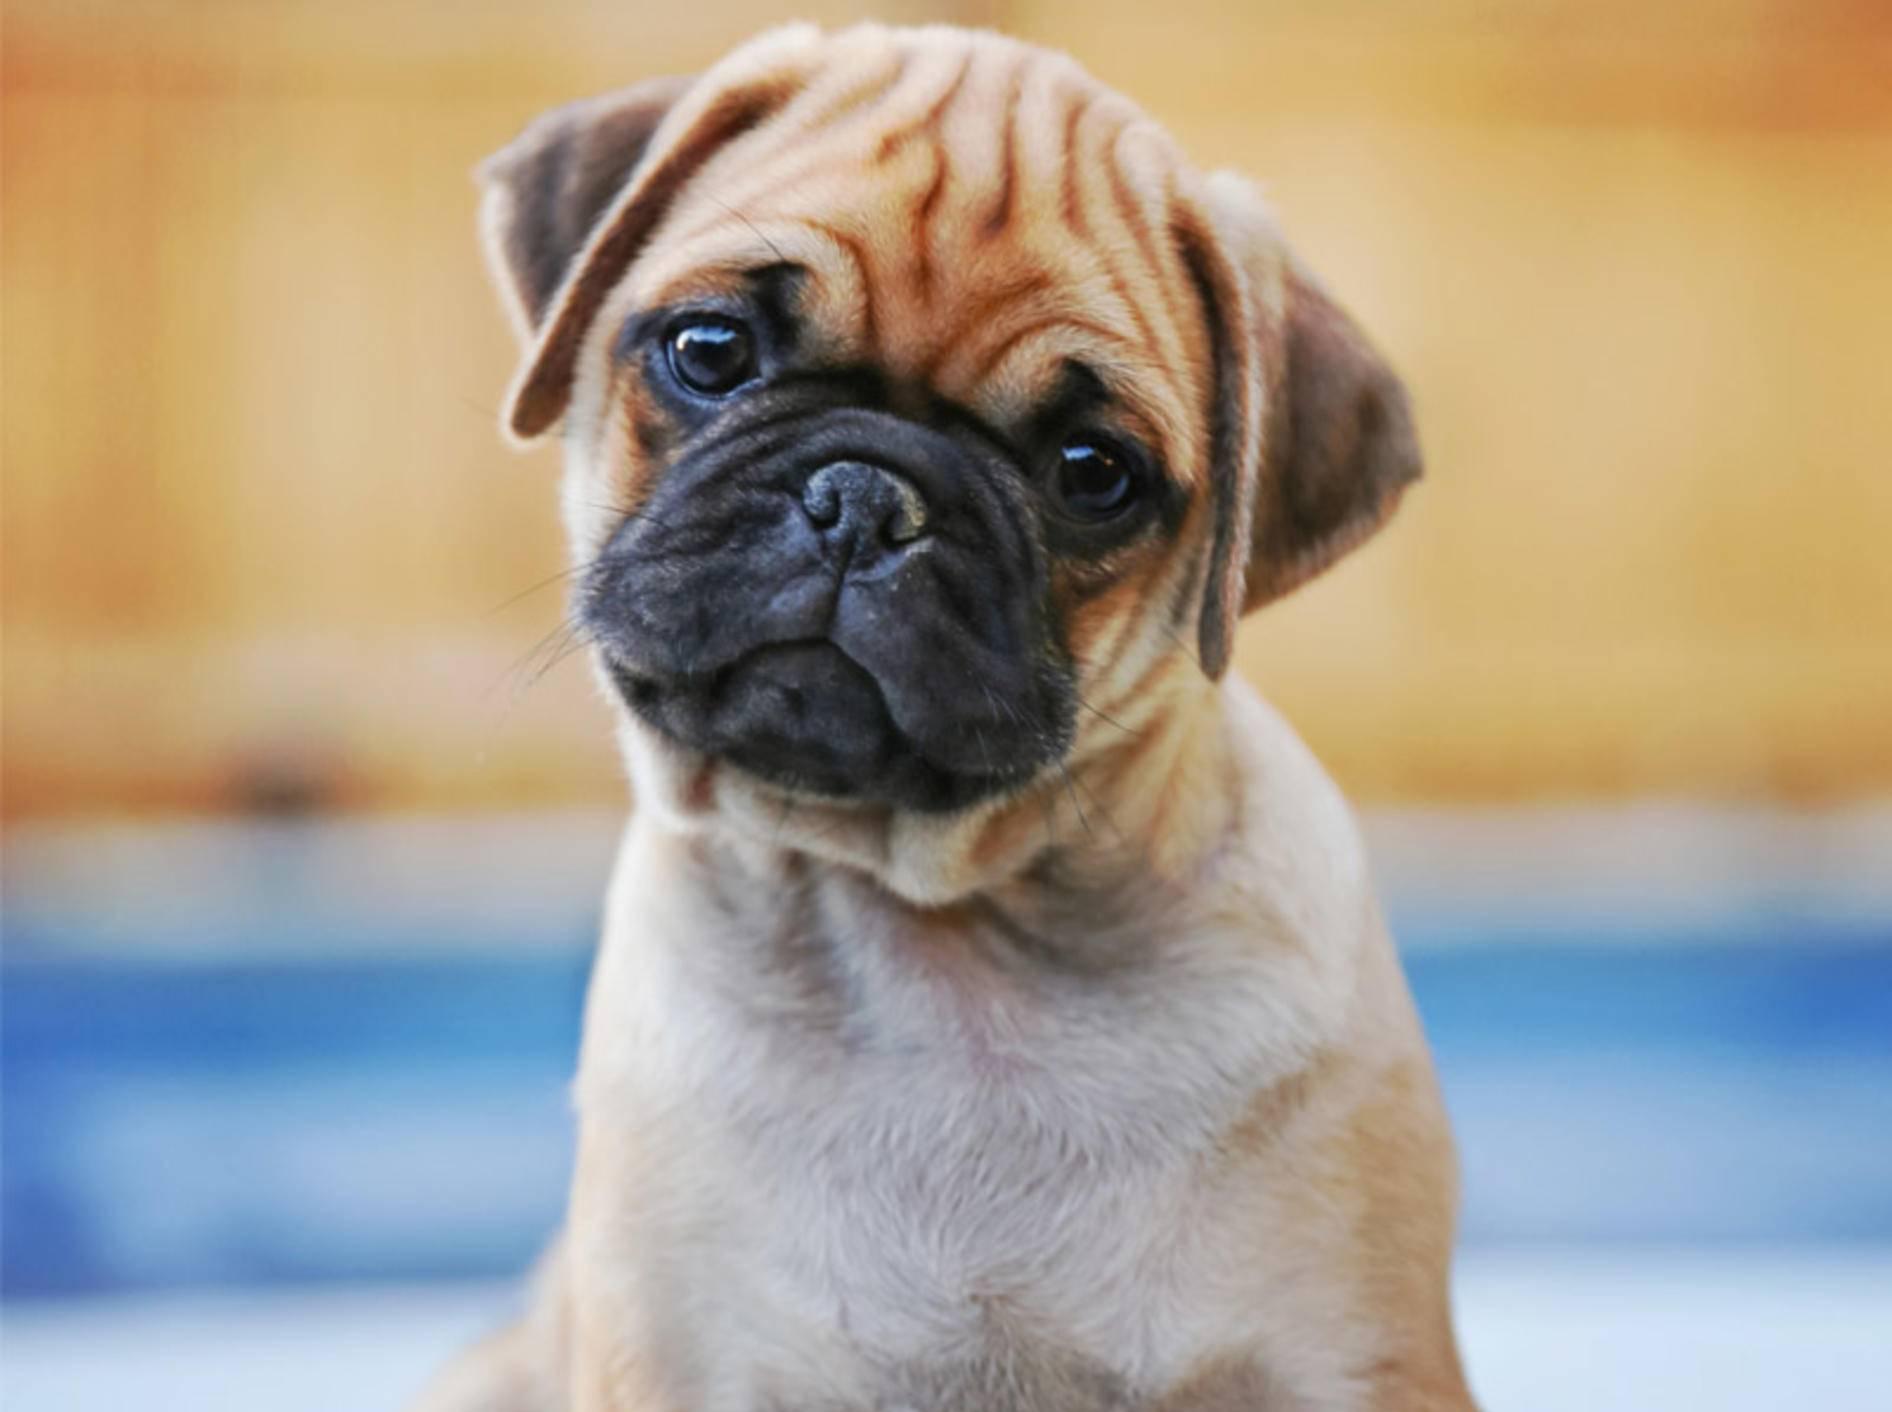 Ist der Dackelblick bei Hund das Ergebnis der Evolution? - Bild: Shutterstock / Annette Shaff